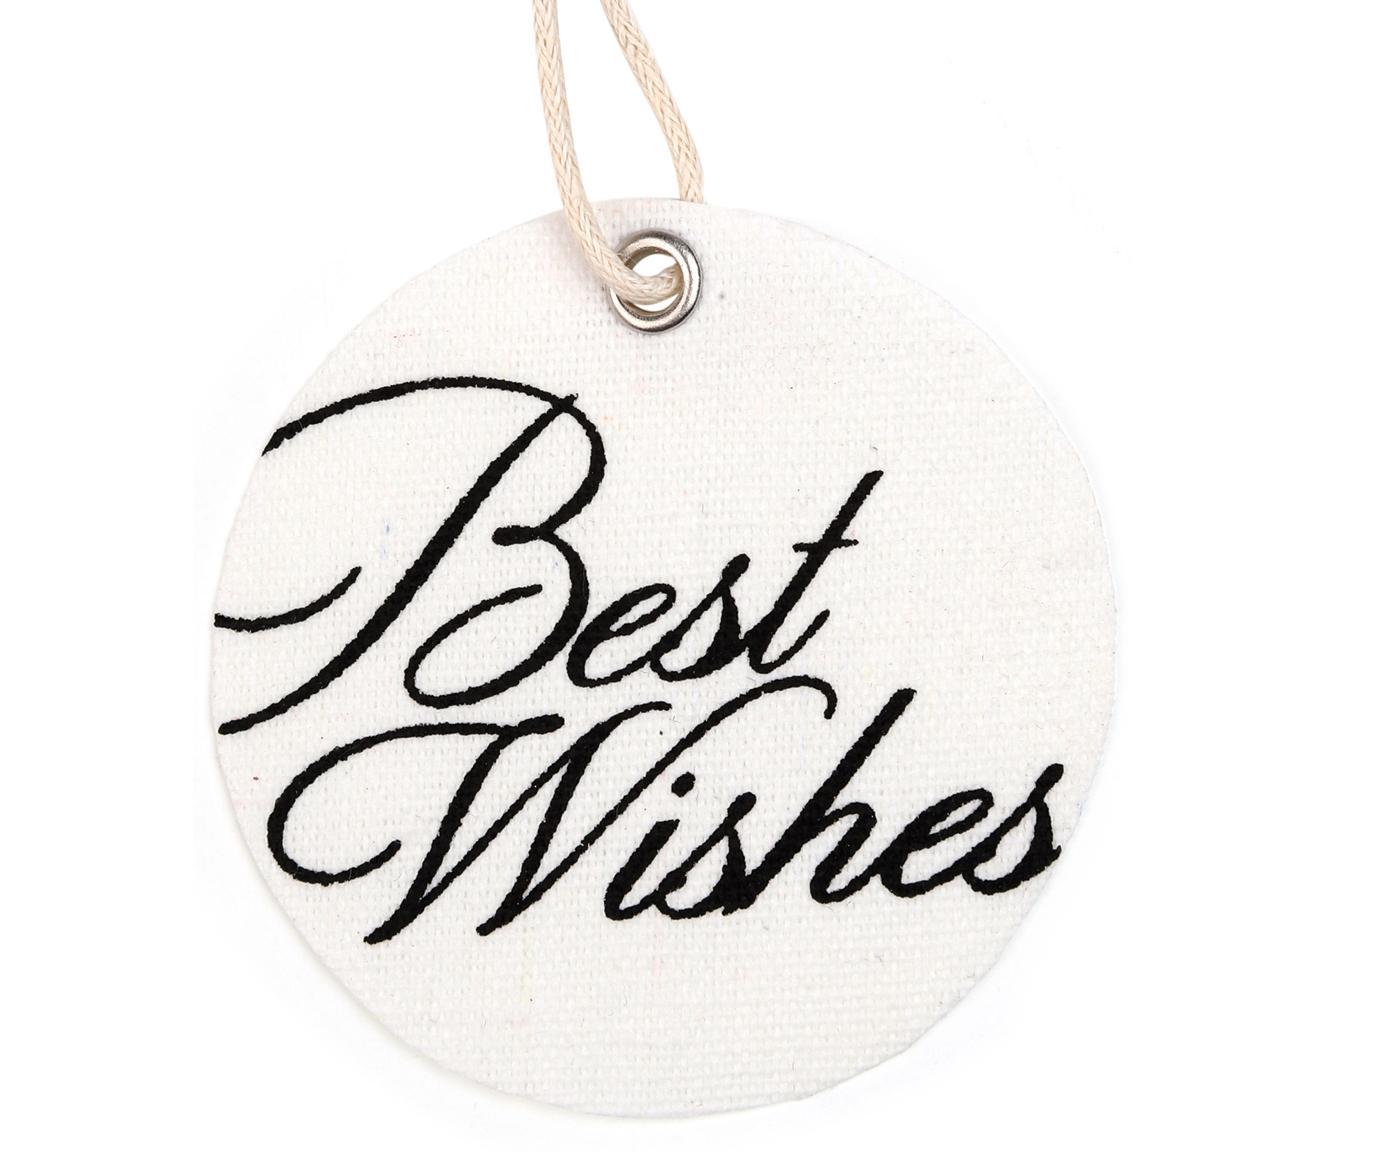 Geschenklabels set Best Wishes, 6 stuks, 60% katoen 40% polyester, Wit, zwart, Ø 6 cm